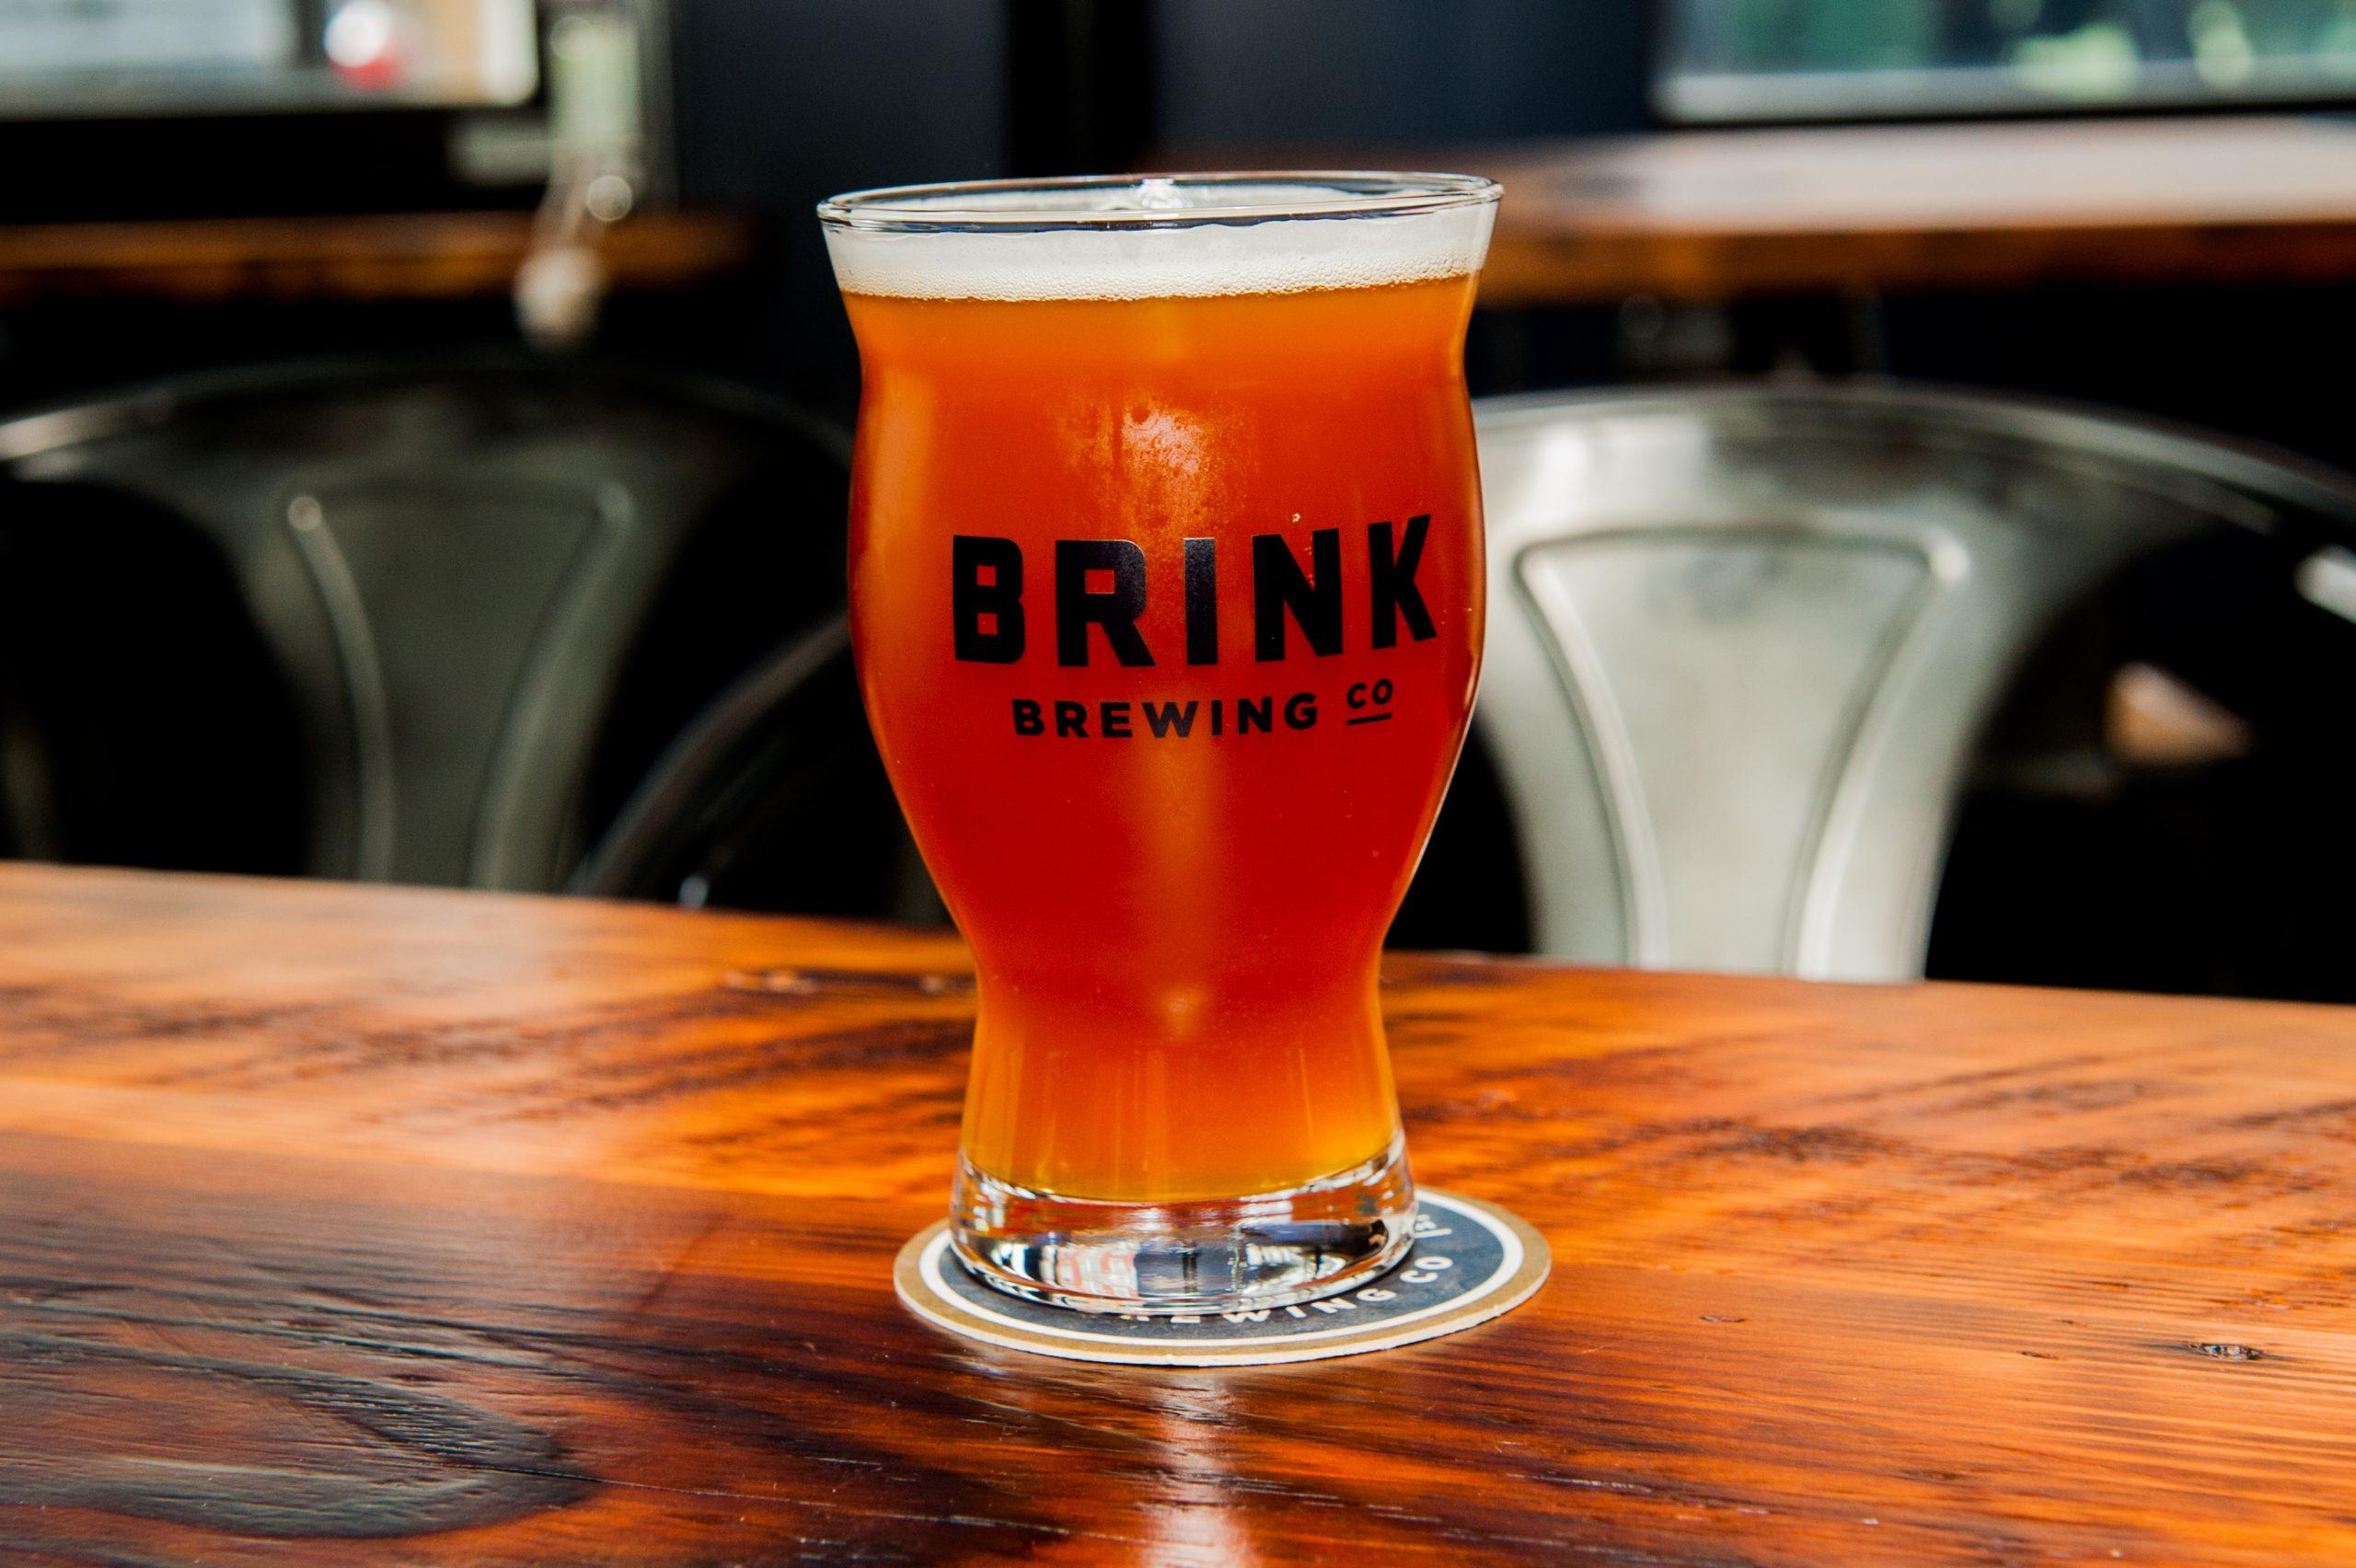 Brink Brewing Company